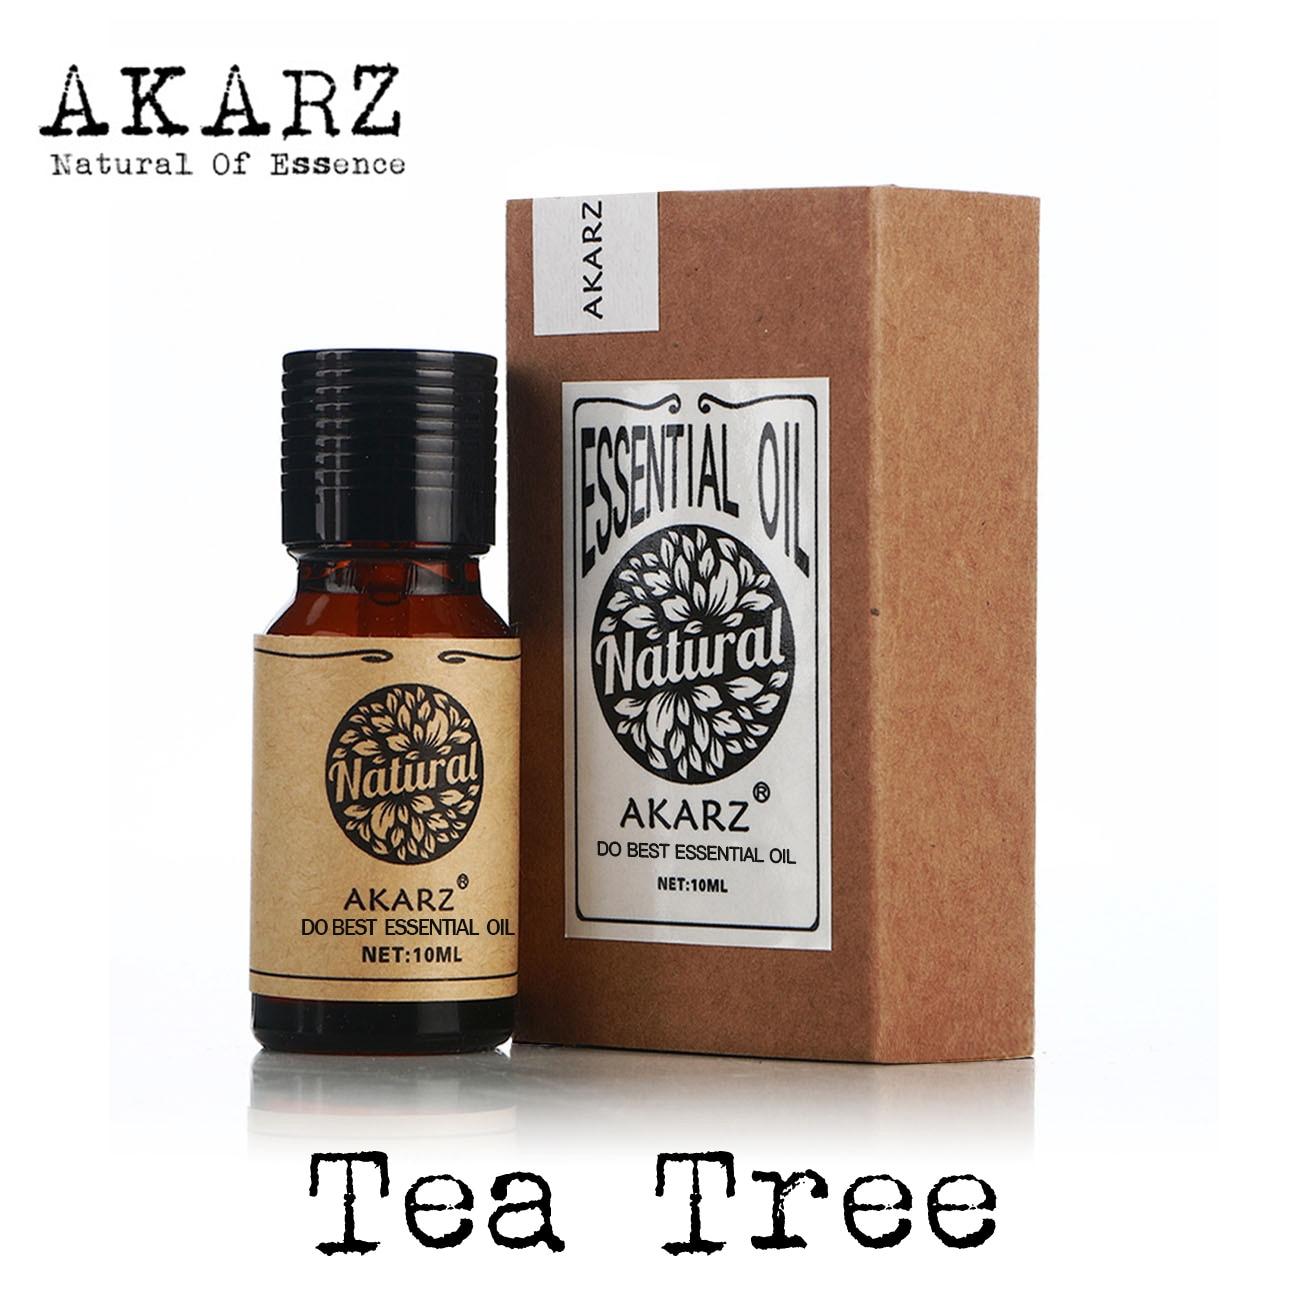 AKARZ famoso marchio tea tree olio essenziale estratti vegetali puri naturali pelle organica massaggio corpo cura olio dell'albero del tè 1